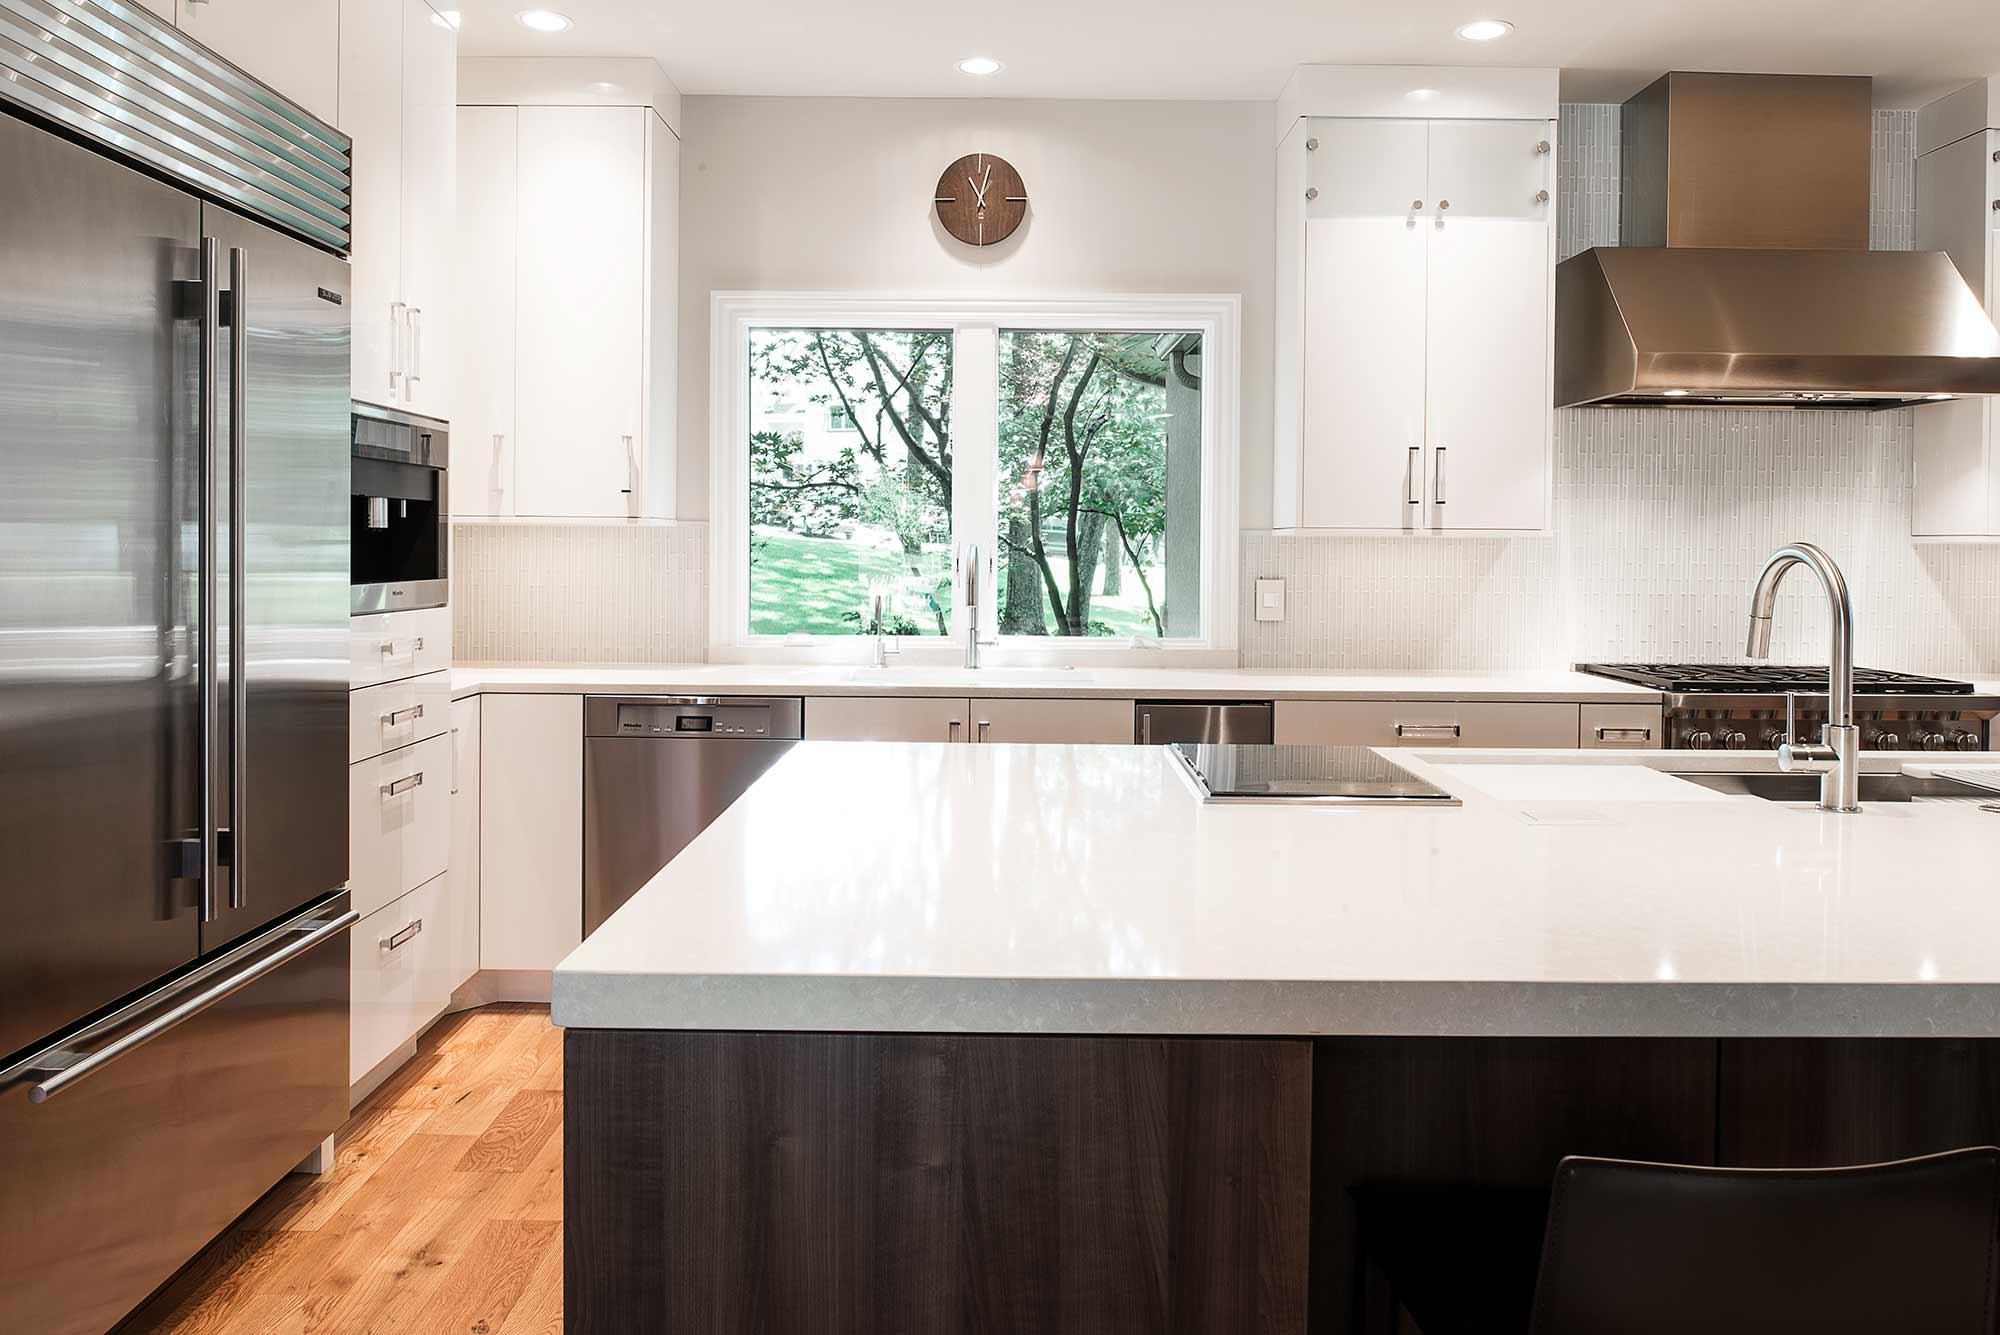 100 kitchen ideas tulsa kitchen floor tile kitchen for Kitchen ideas tulsa oklahoma